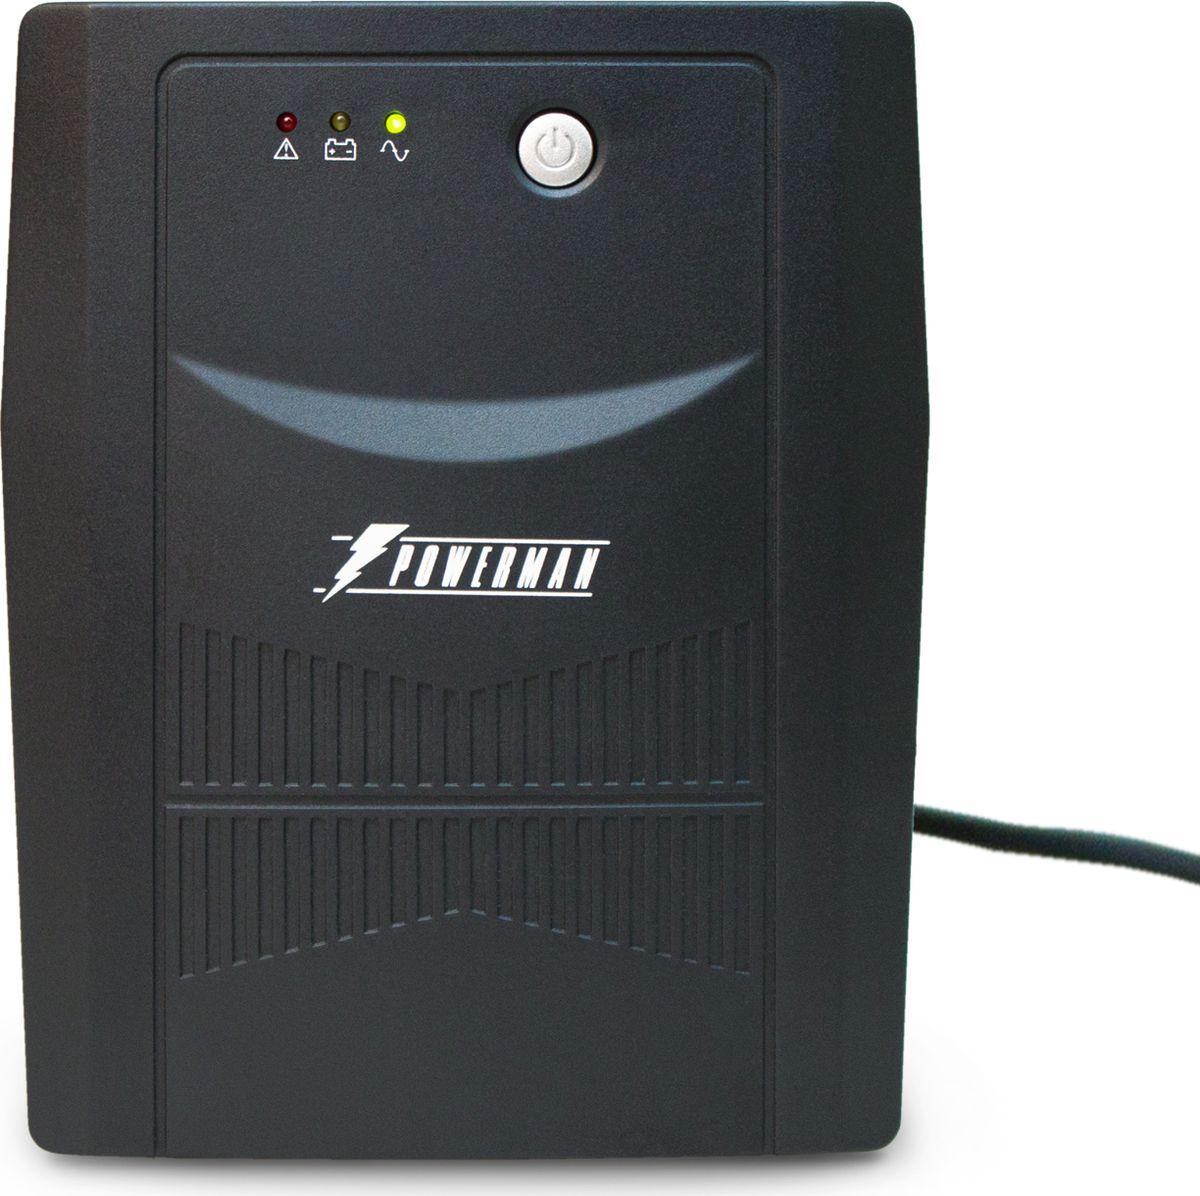 Источник бесперебойного питания Powerman UPS Вack Pro 2000, 2000 ВА источник бесперебойного питания powerman ups вack pro 1000 1000 ва